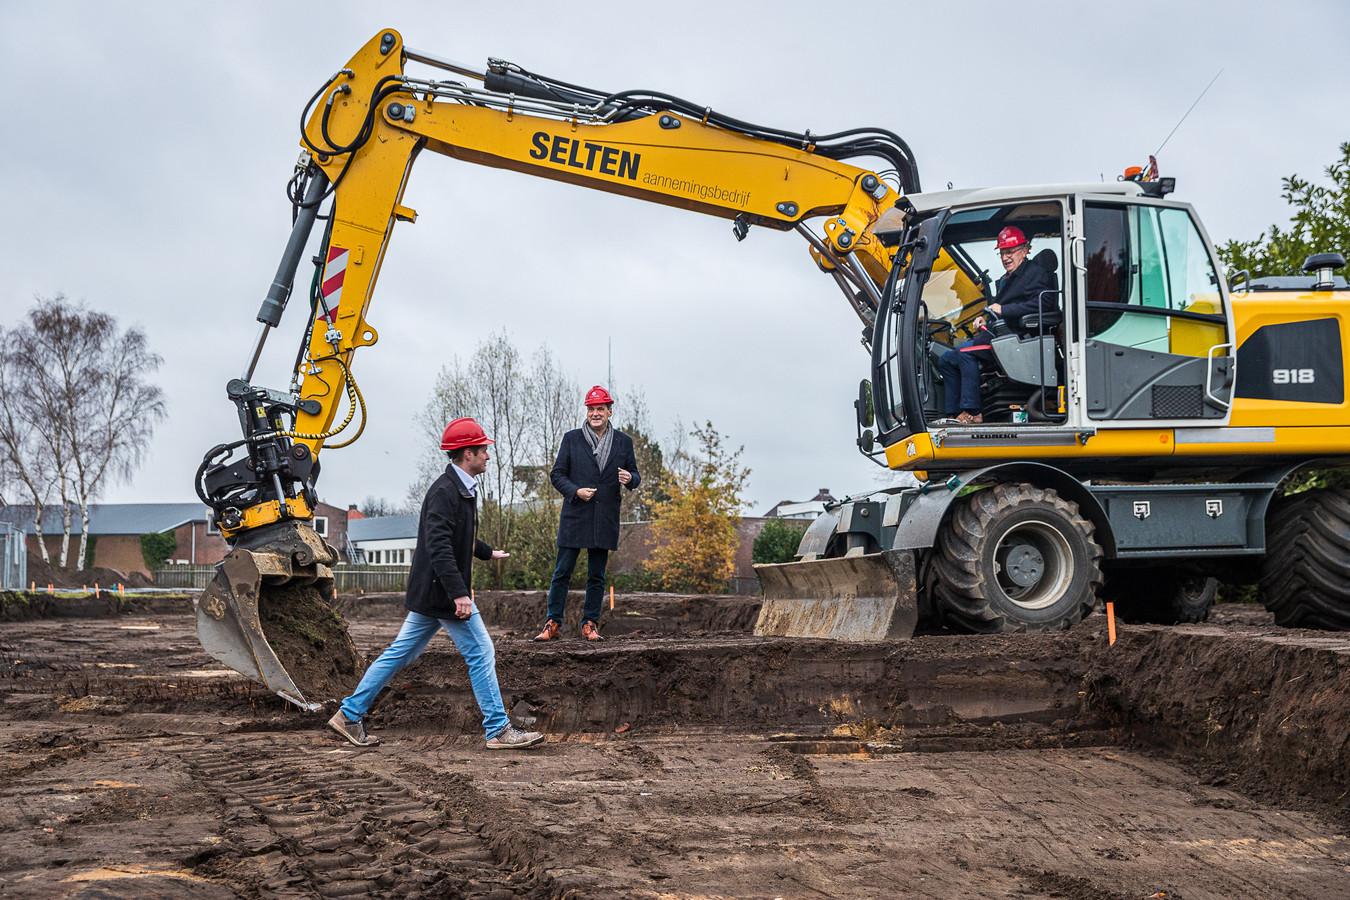 Wethouder Jan Goijaarts nam plaats in de graafmachine. Jan van Vucht, directeur-bestuurder van Area en Mike Janssen, uitvoerder van het project aan de Spoorlaan  moedigen hem aan.